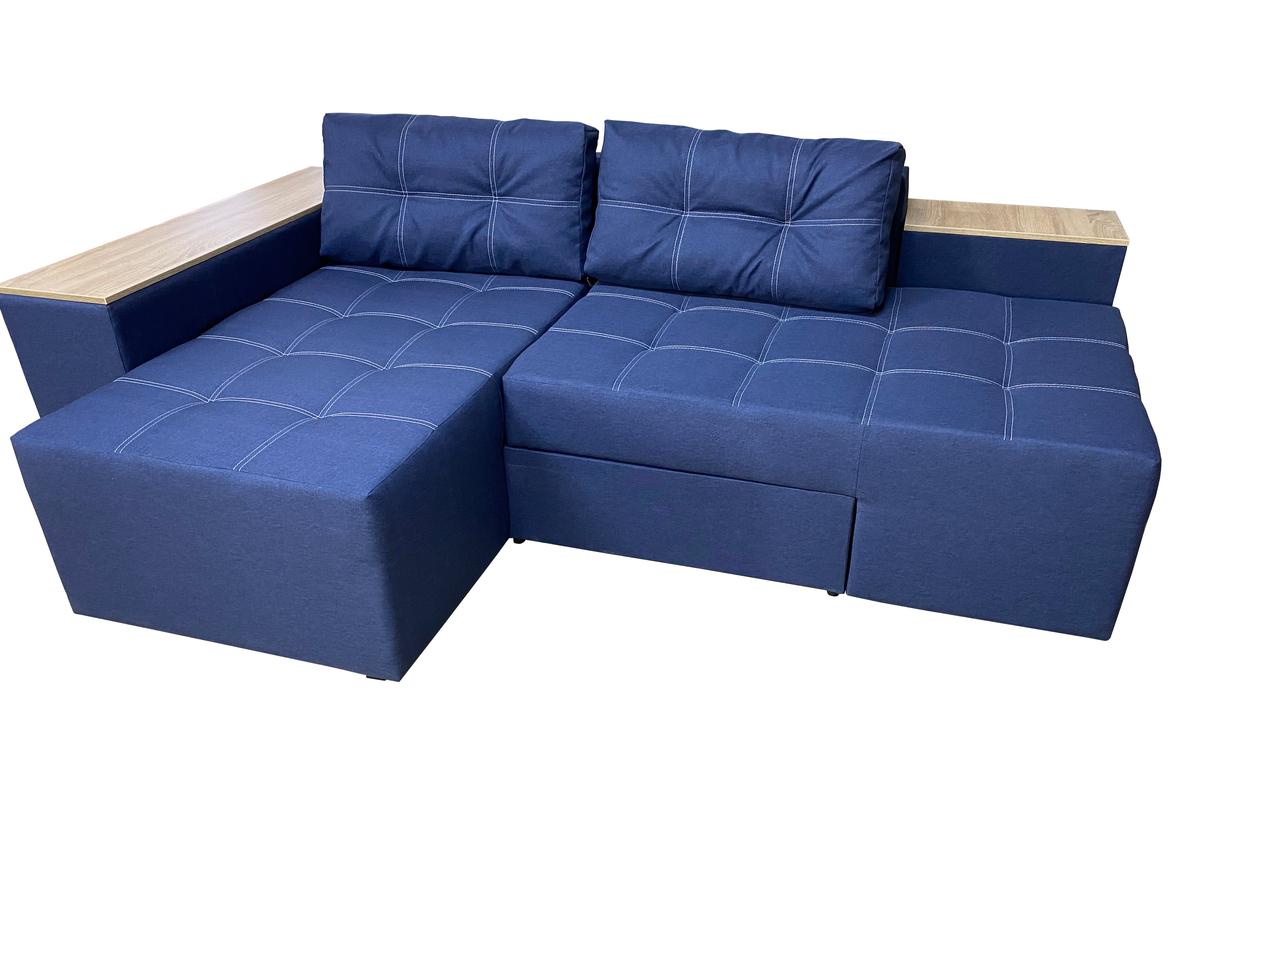 М'який комфортний кутовий диван гарний для дому у вітальню від виробника БАВАРІЯ синій